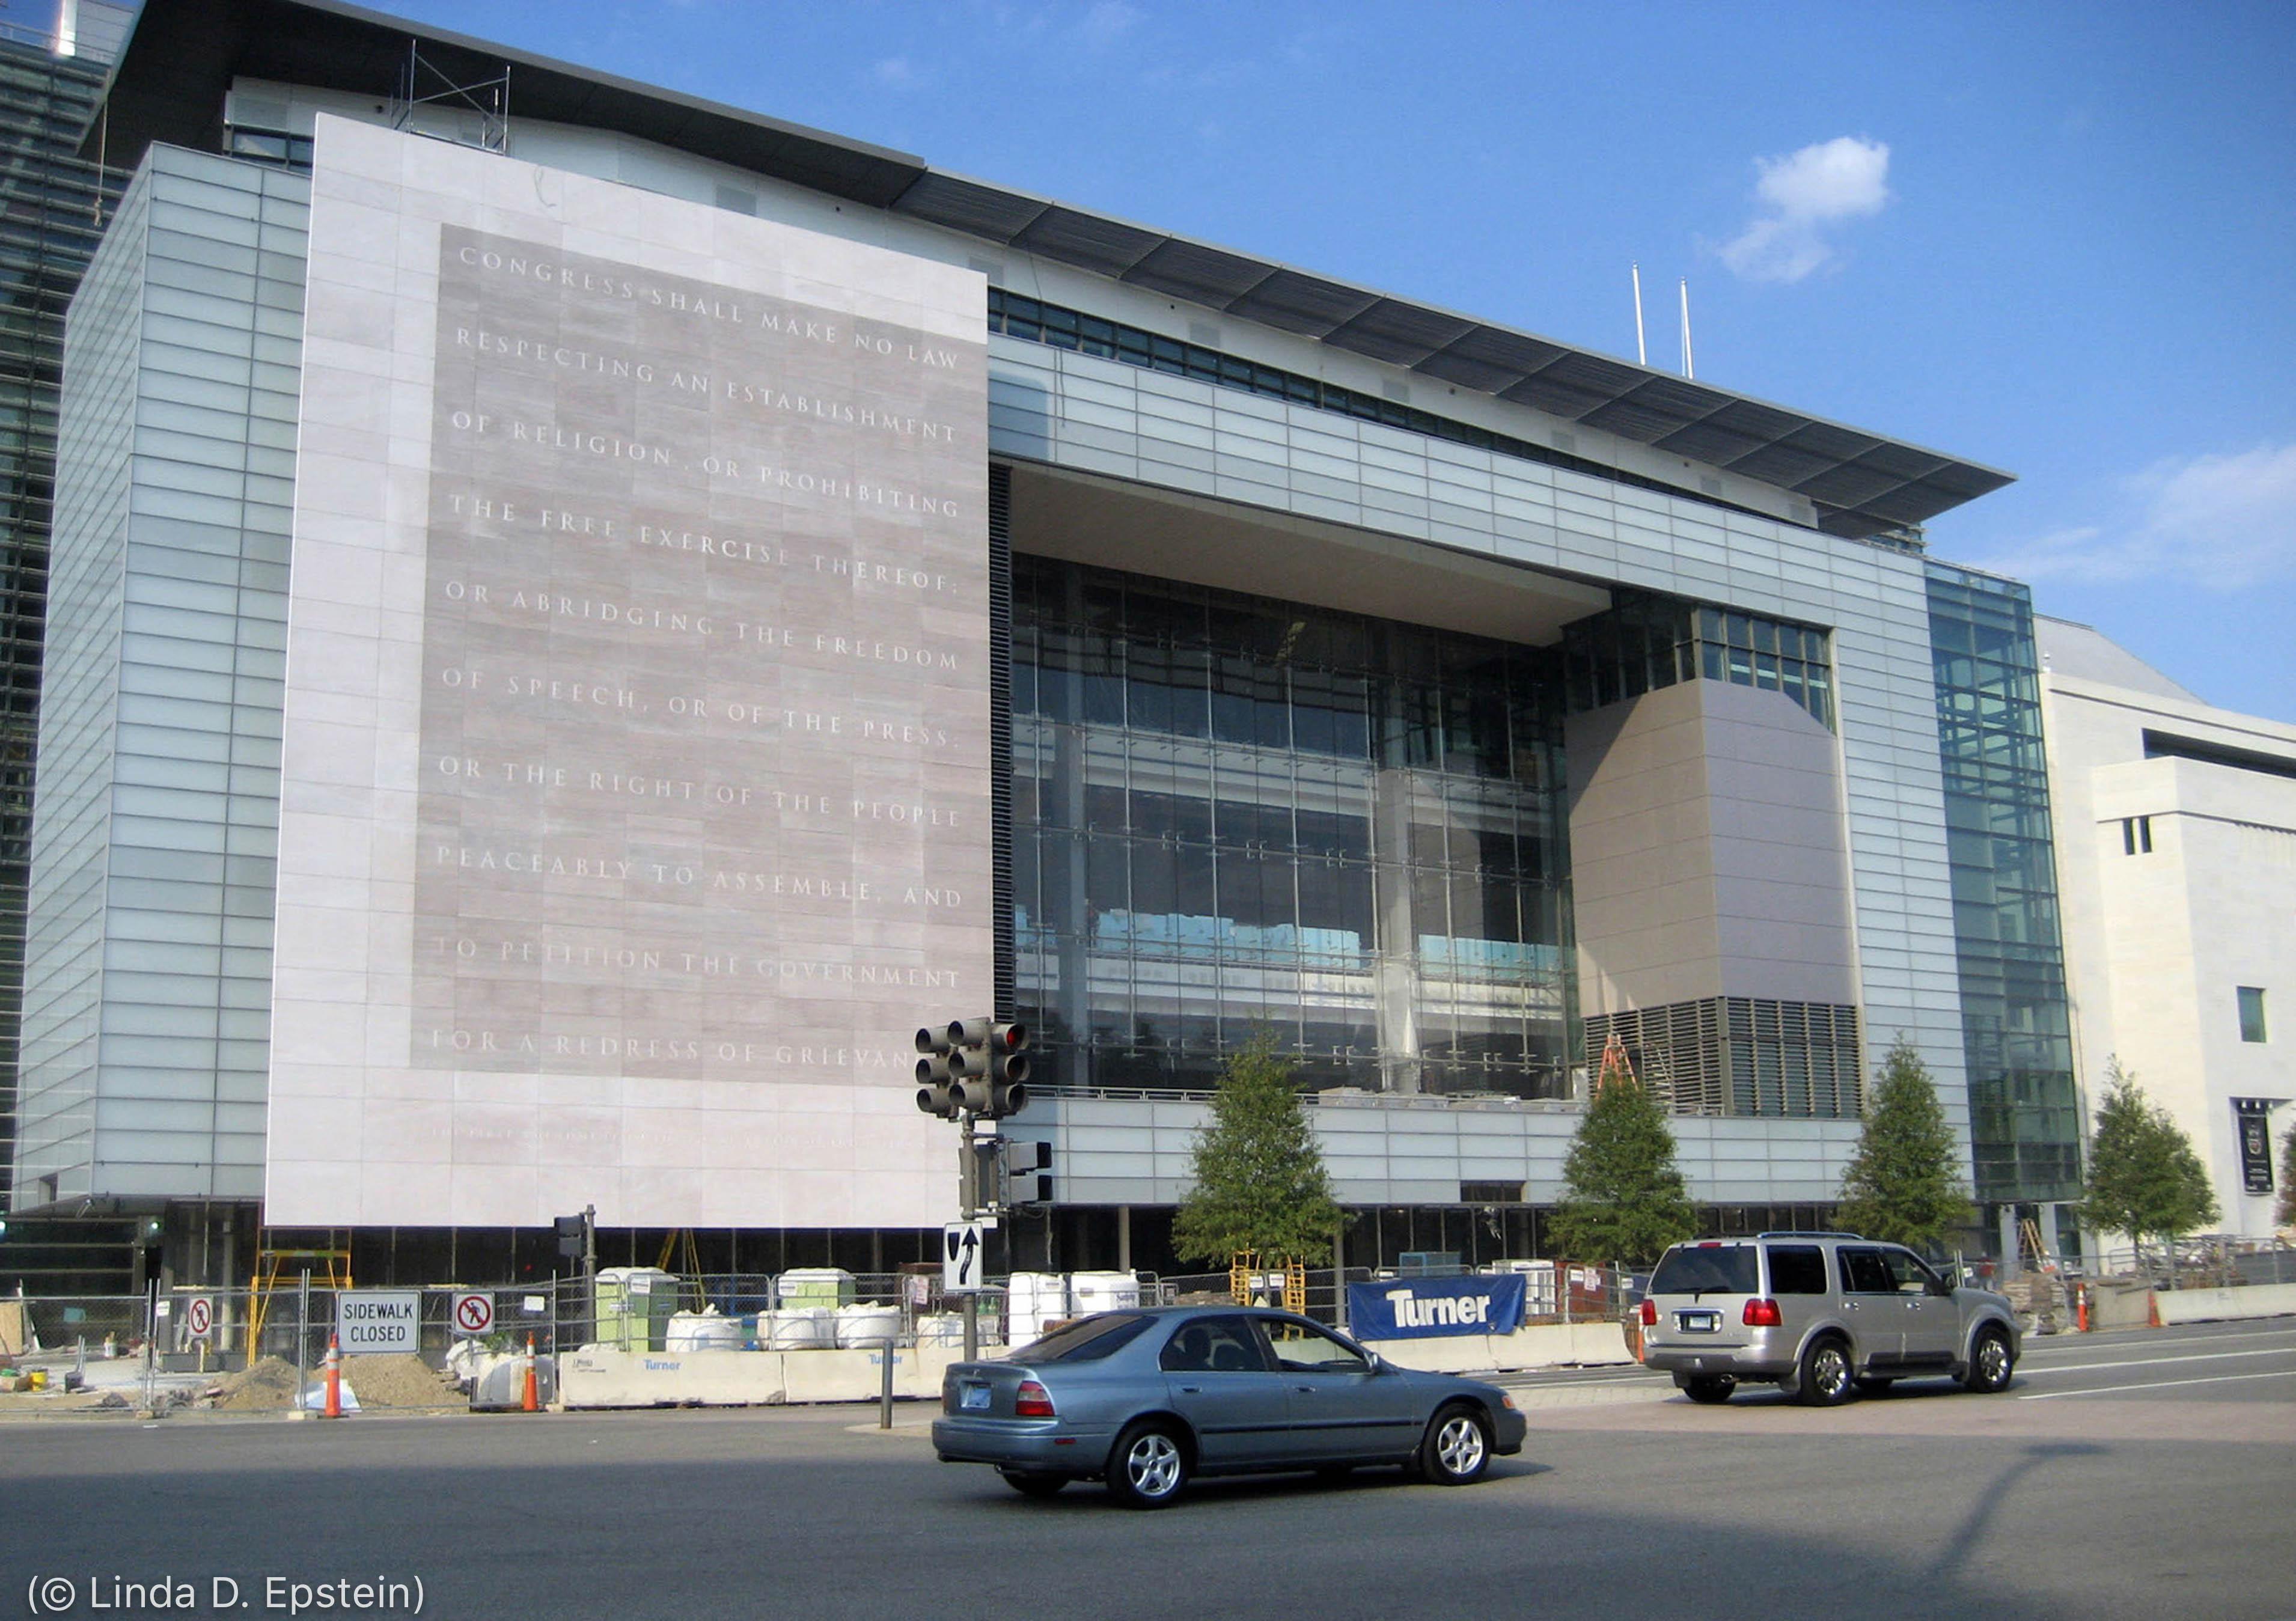 Fachada do antigo prédio do Newseum em Washington, com calçada bloqueada e carros passando (© Linda D. Epstein)